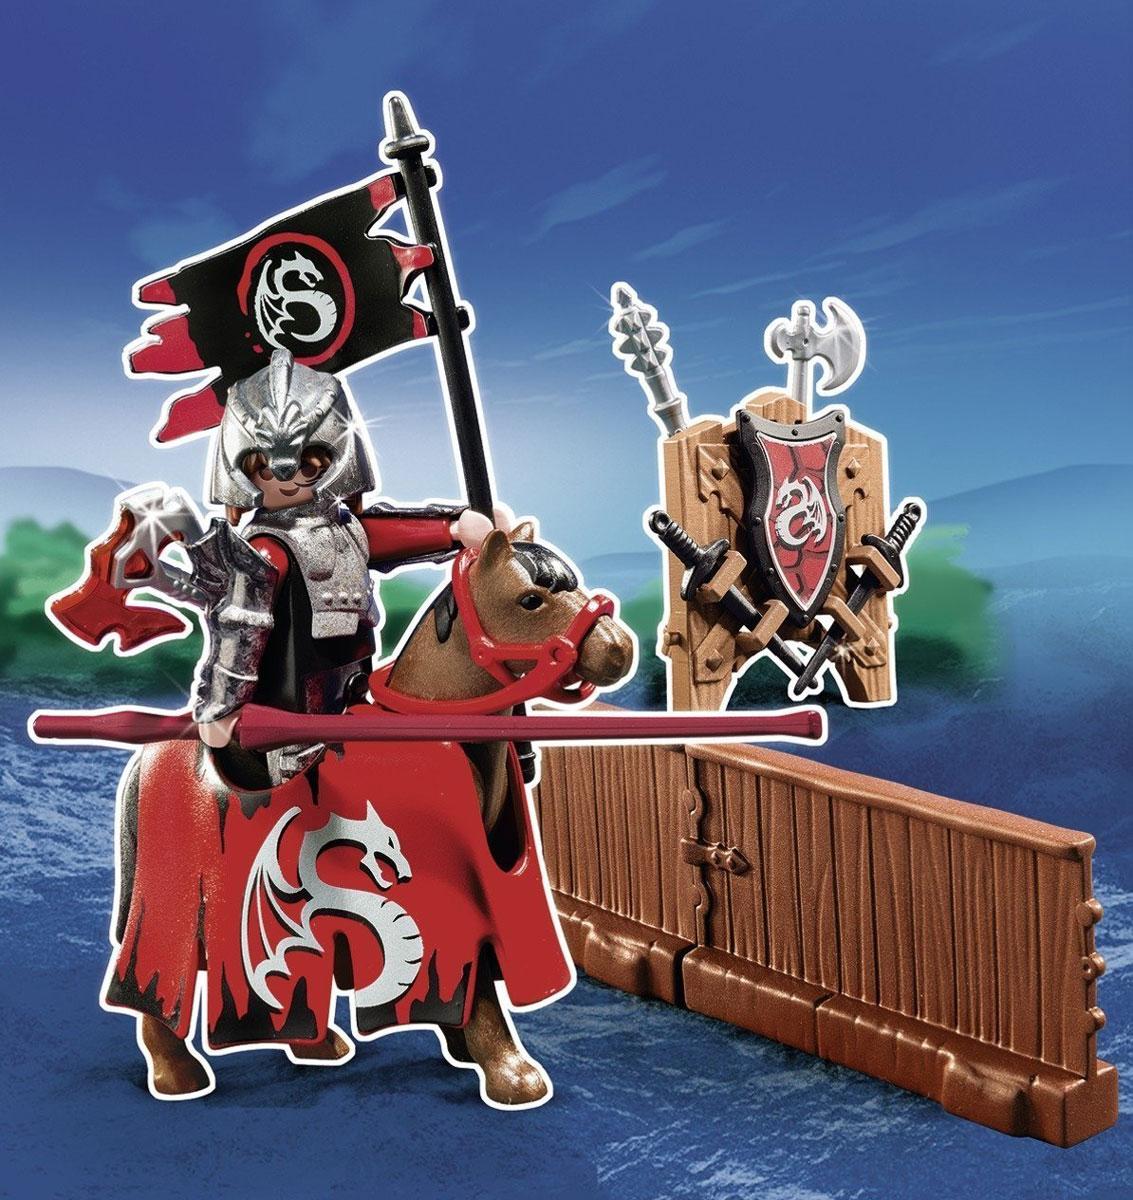 Playmobil Игровой набор Турнир рыцаря ордена Дракона5358pmИгровой набор Playmobil Турнир рыцаря ордена Дракона обязательно понравится вашему ребенку. Он выполнен из безопасного пластика и включает фигурку рыцаря ордена Дракона, его лошадь, оружие, изгородь и другие аксессуары для игры. У рыцаря подвижные части тела; в руках он может удерживать предметы. Испытанный конь вовремя уведет рыцаря из-под удара врага. Фрагмент изгороди можно соединить с другими частями и образовать замкнутый круг. Ваш ребенок с удовольствием будет играть с набором, придумывая захватывающие истории. Доступны мобильные приложения. Рекомендуемый возраст: от 4 до 10 лет.